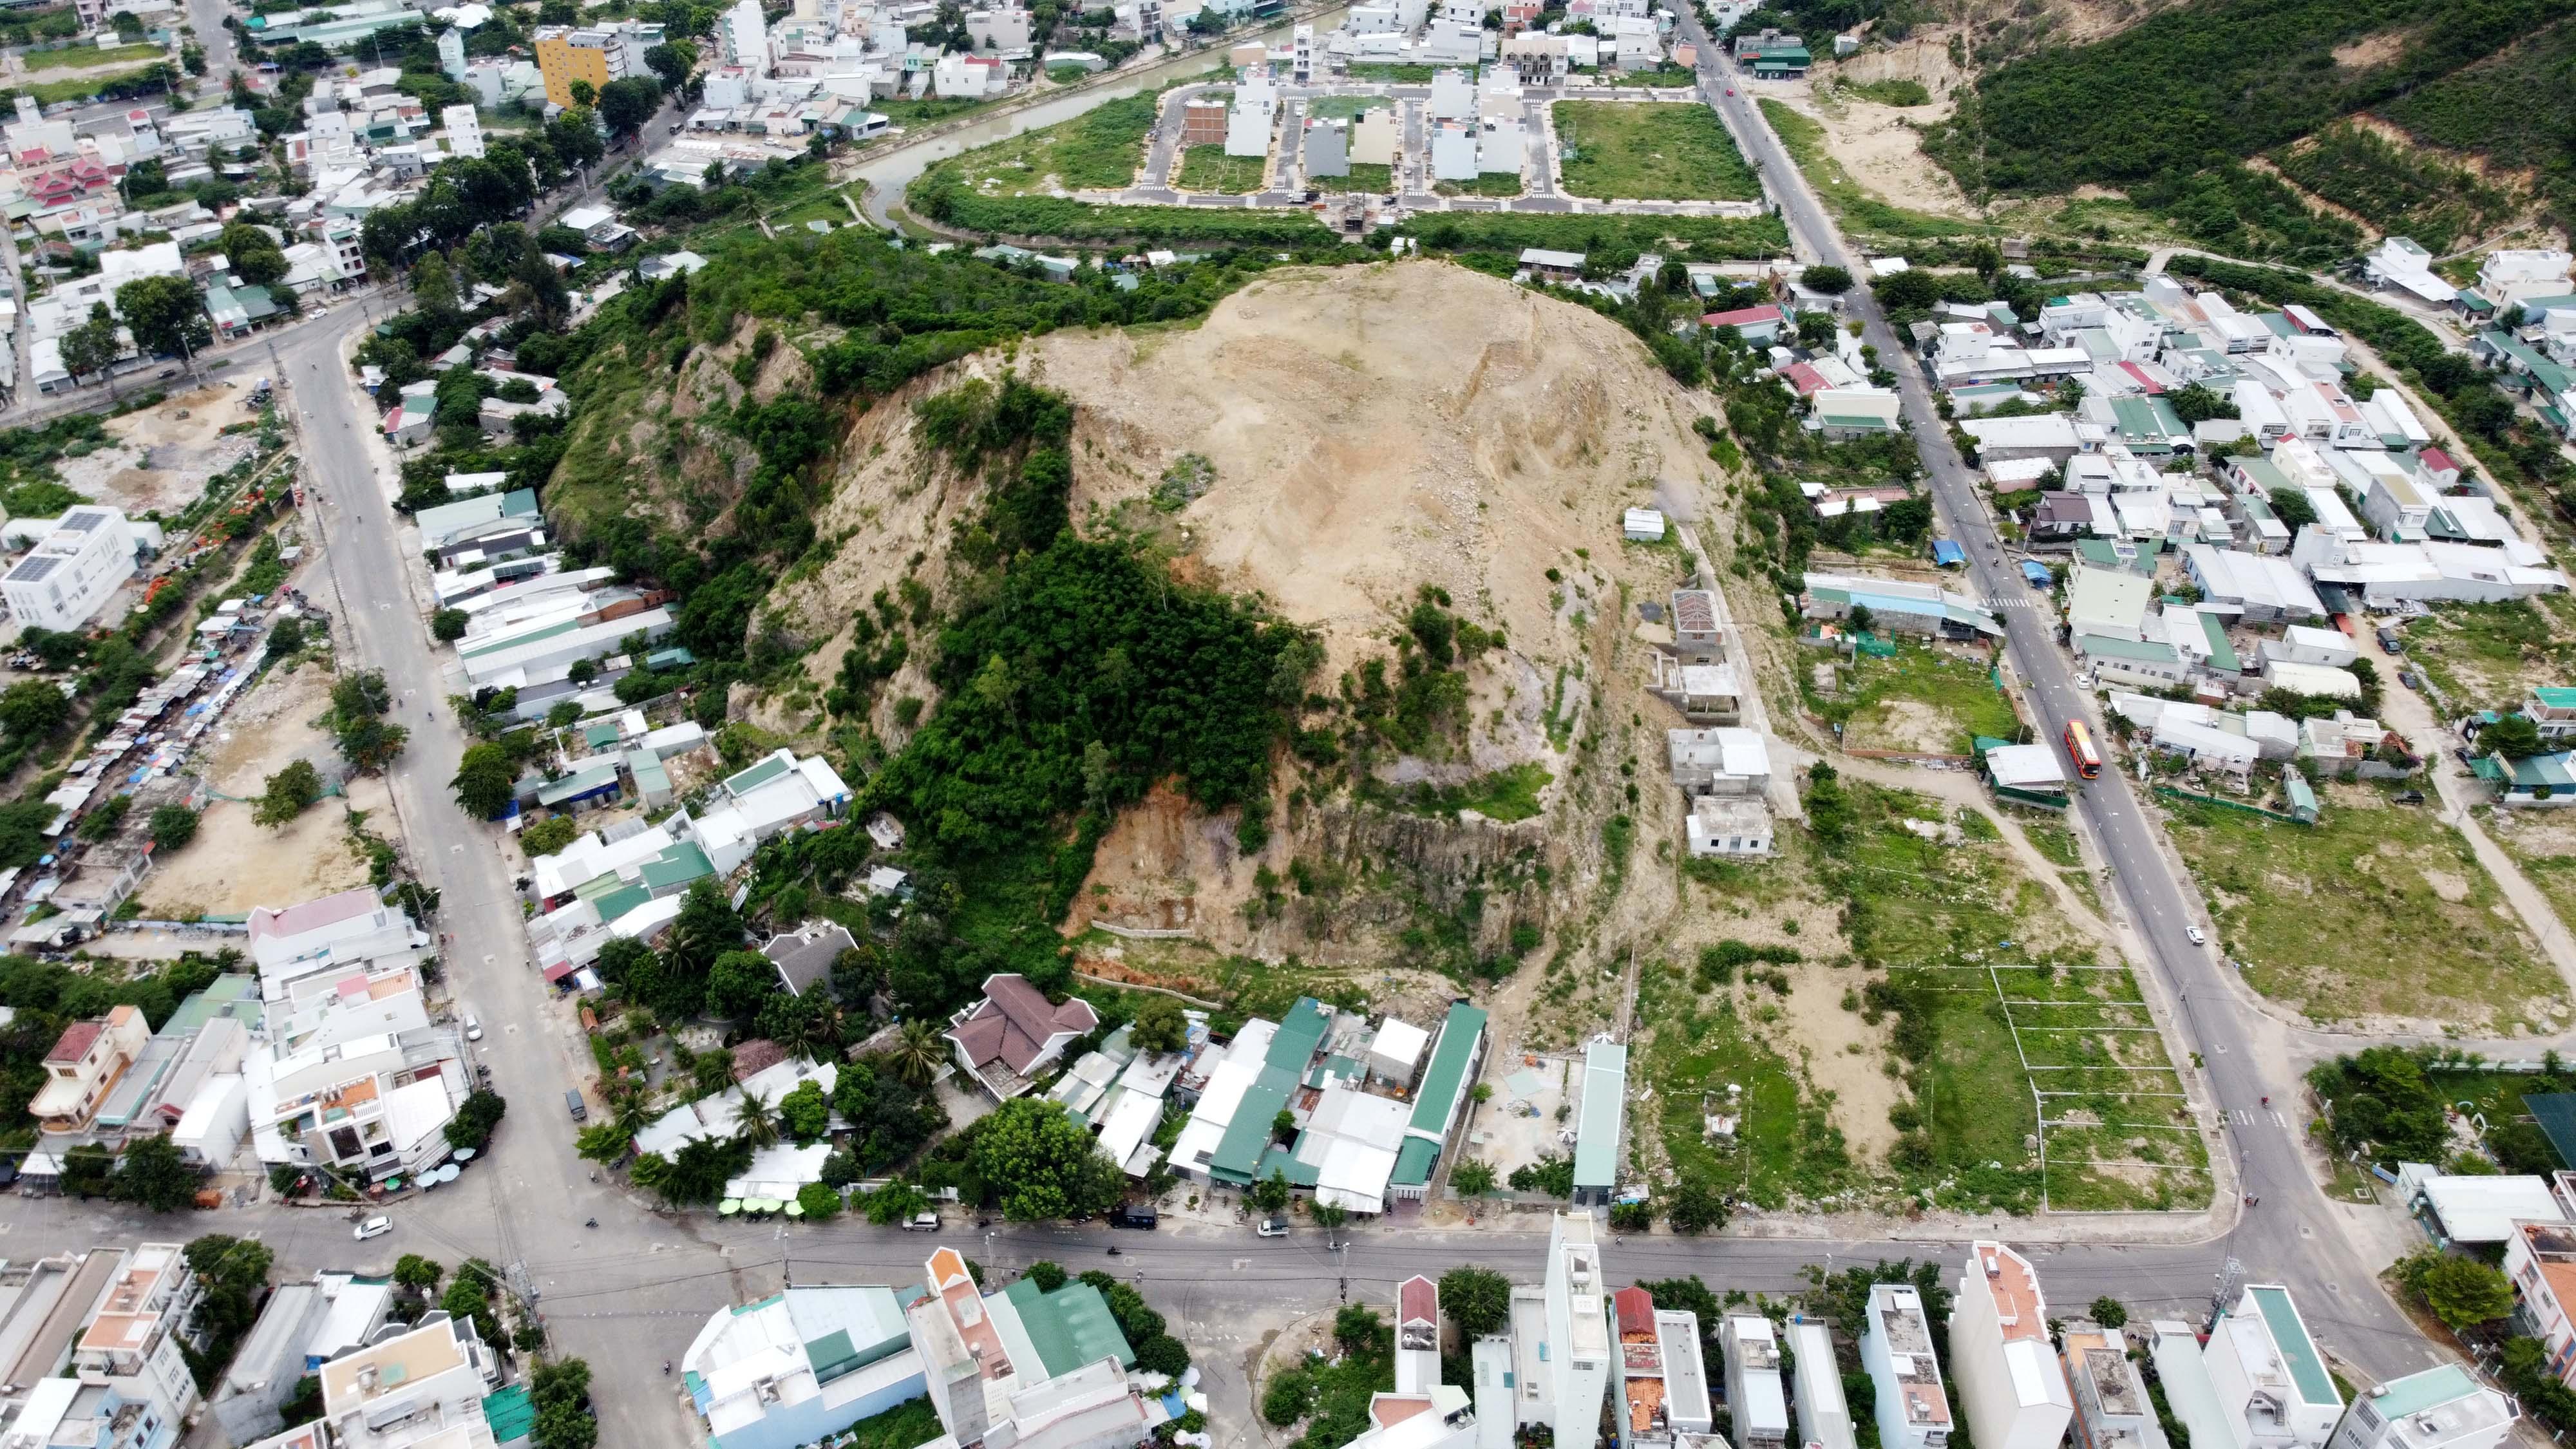 Khánh Hòa: Đề nghị chấm dứt dự án cạo trọc núi uy hiếp người dân mùa mưa bão - Ảnh 1.